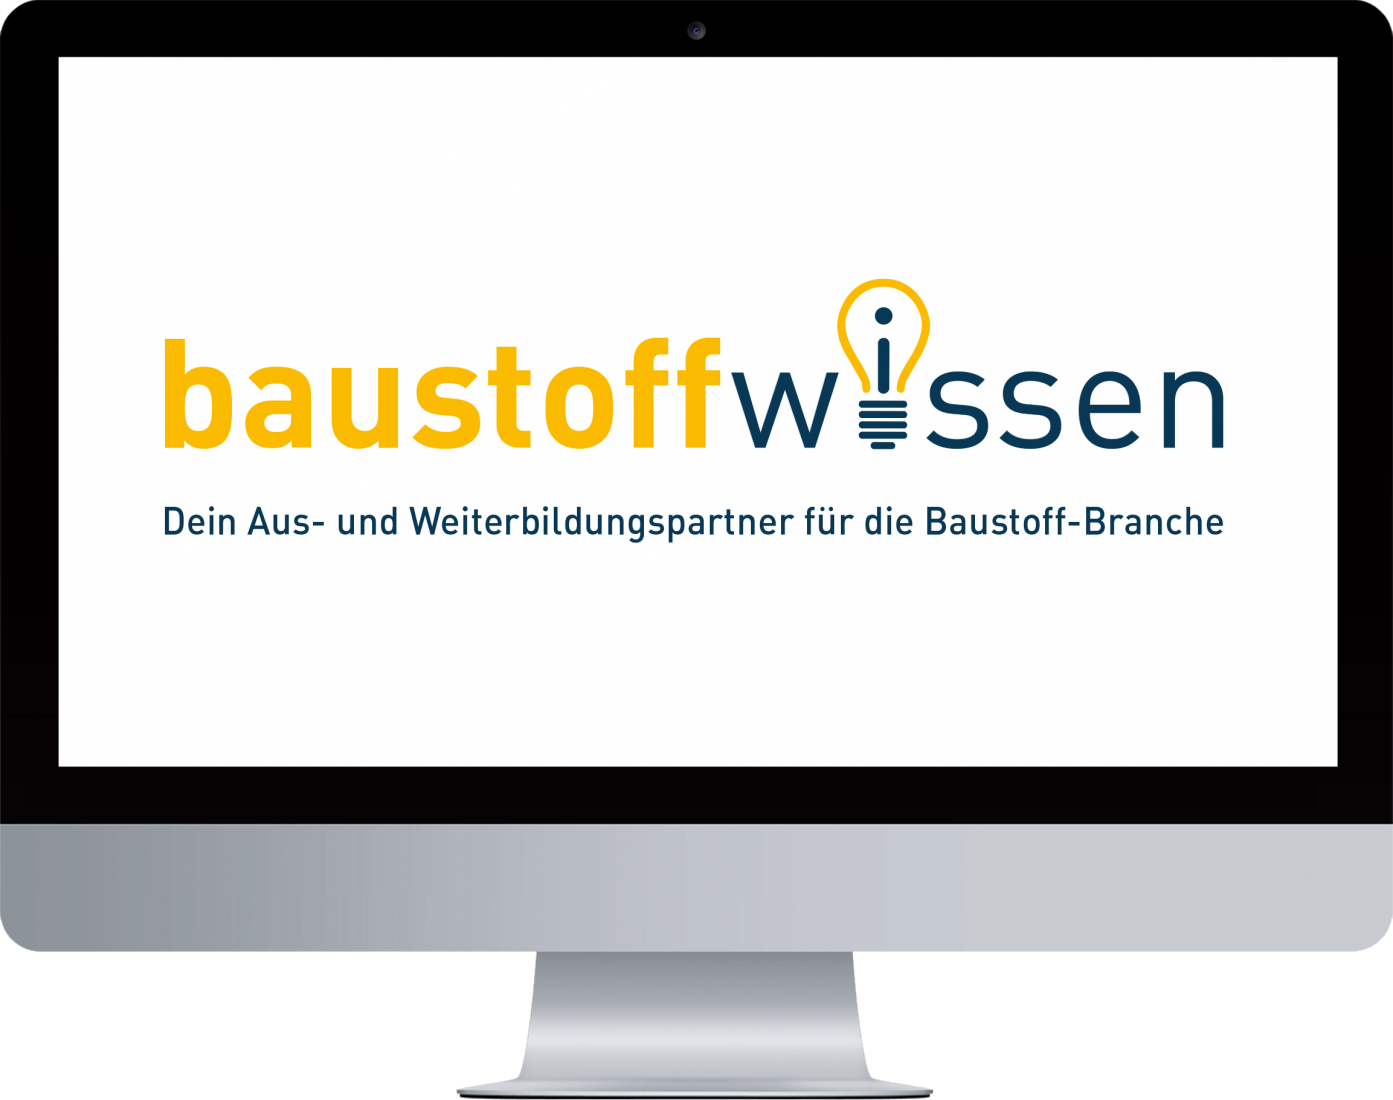 Wir präsentieren: das neue baustoffwissen.de Logo!